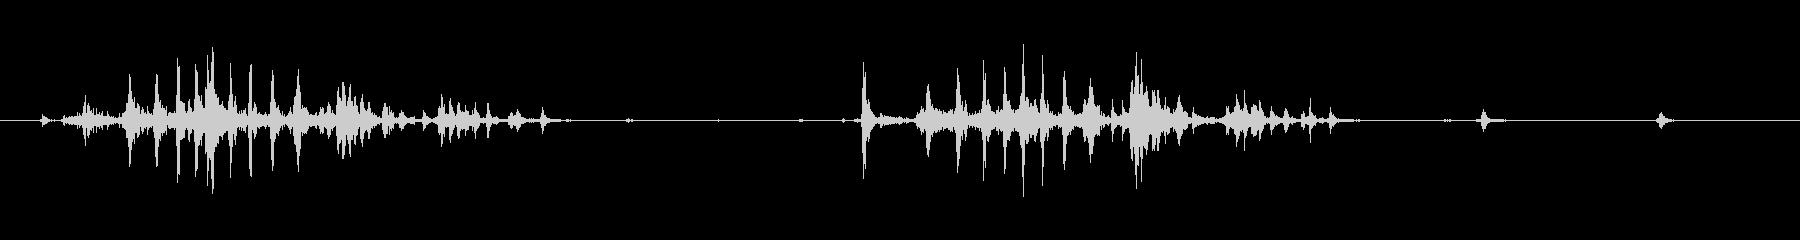 ストリングトリマー-プルコード(ス...の未再生の波形